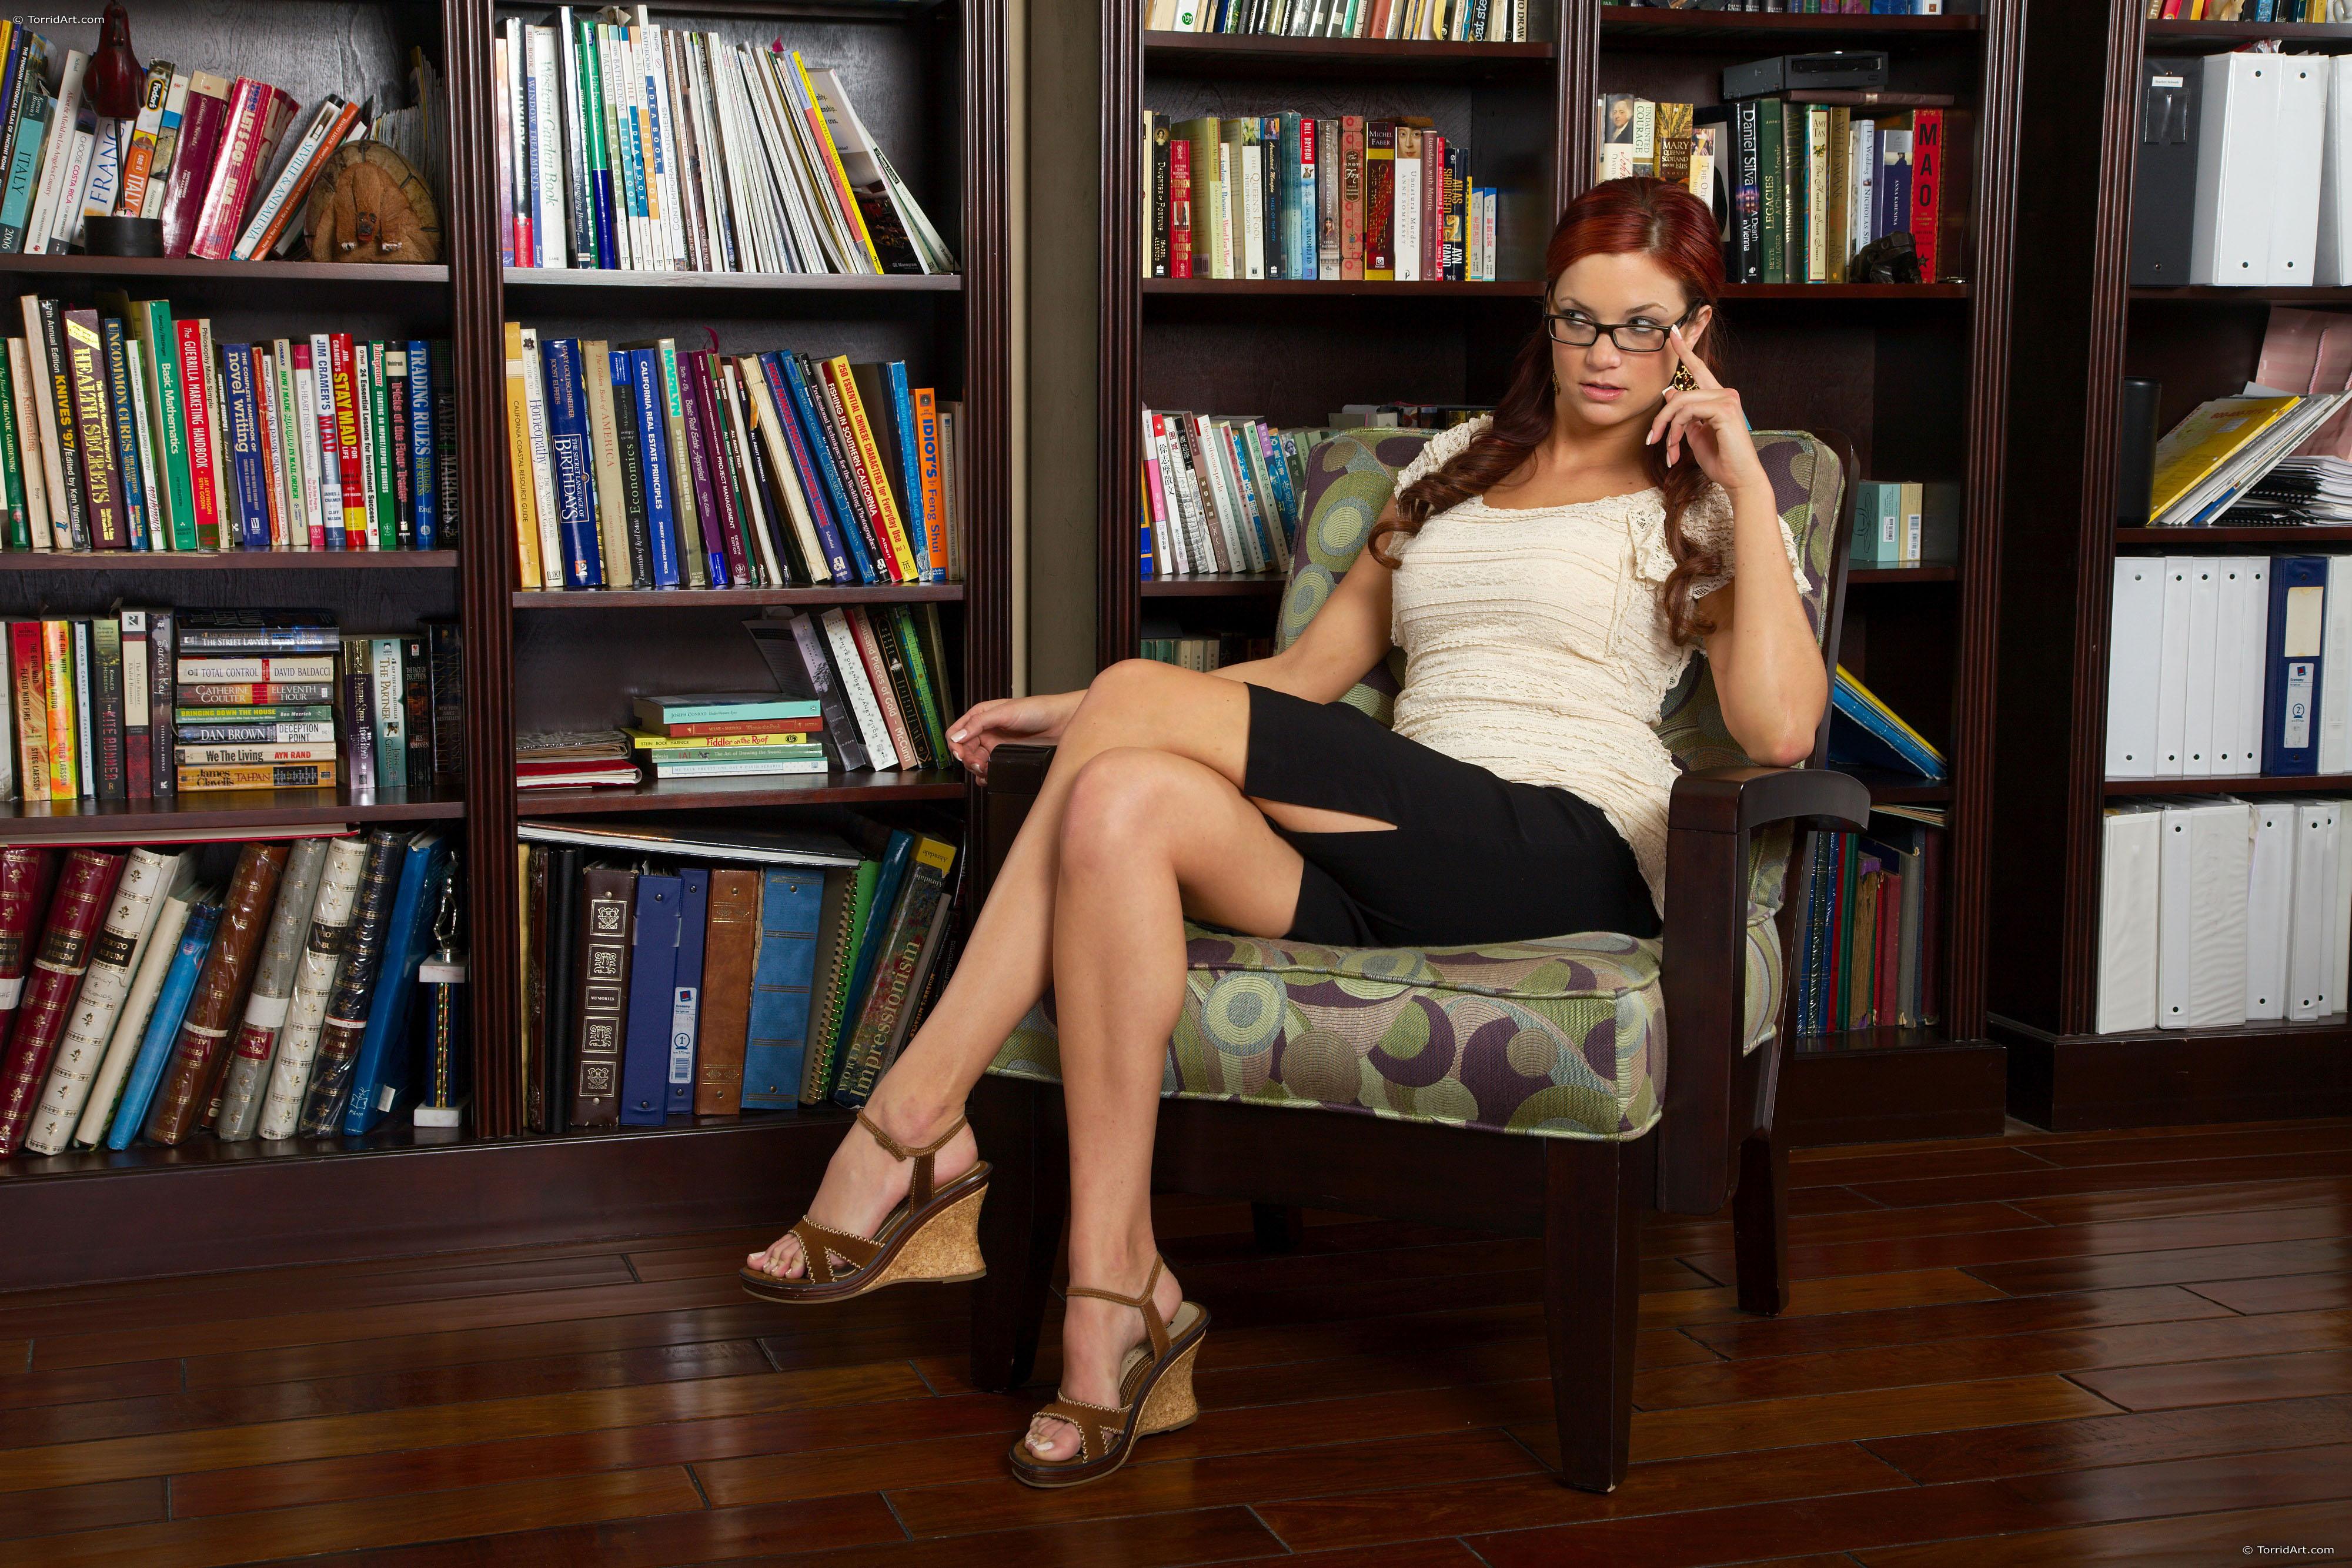 Читать порно библиотека 2 фотография